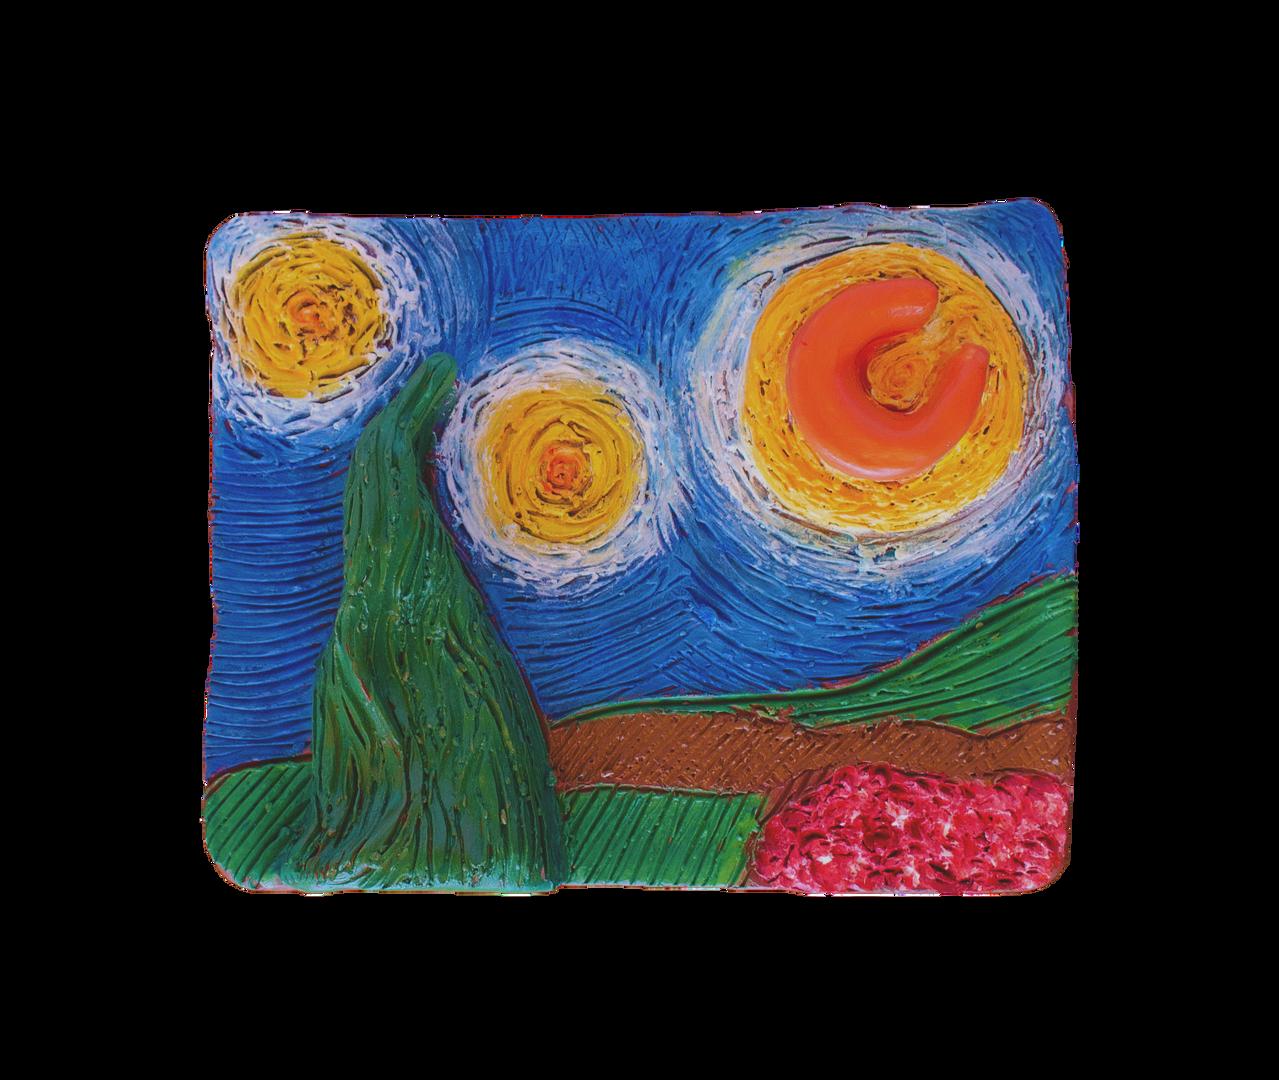 Van Gogh Inspired Landscape Masterpiece